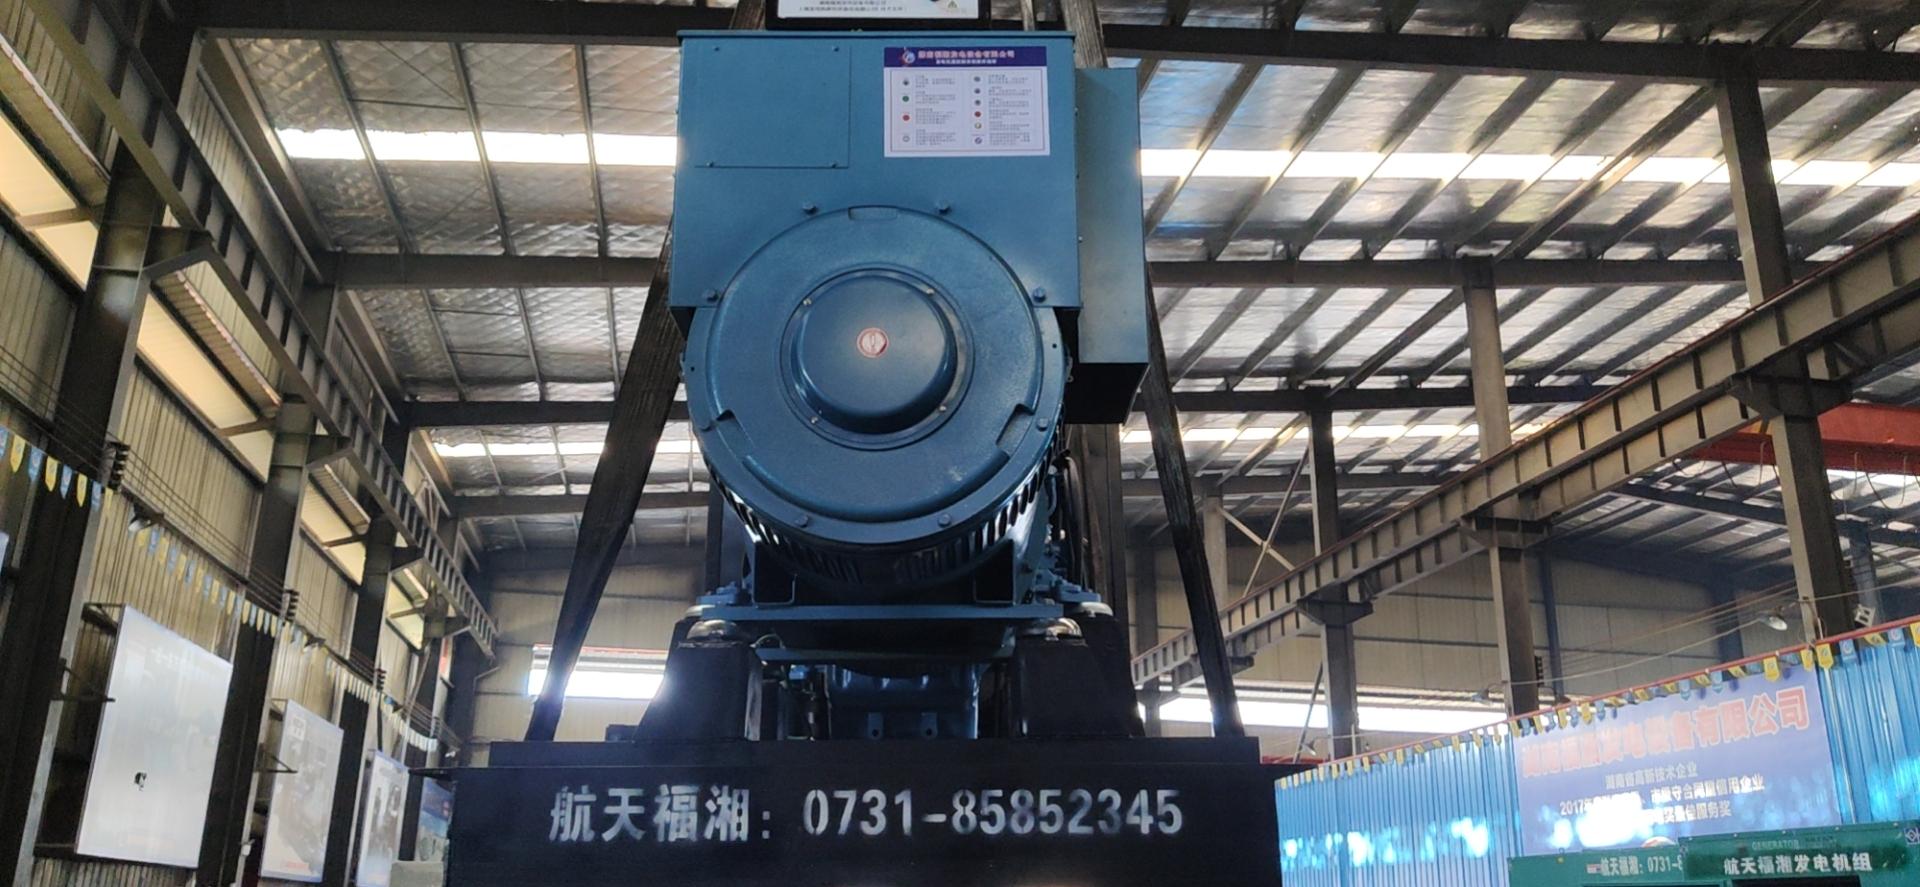 航天福湘500KW潍柴动力机组配套道依茨发电机交付茶陵高度戒备监狱